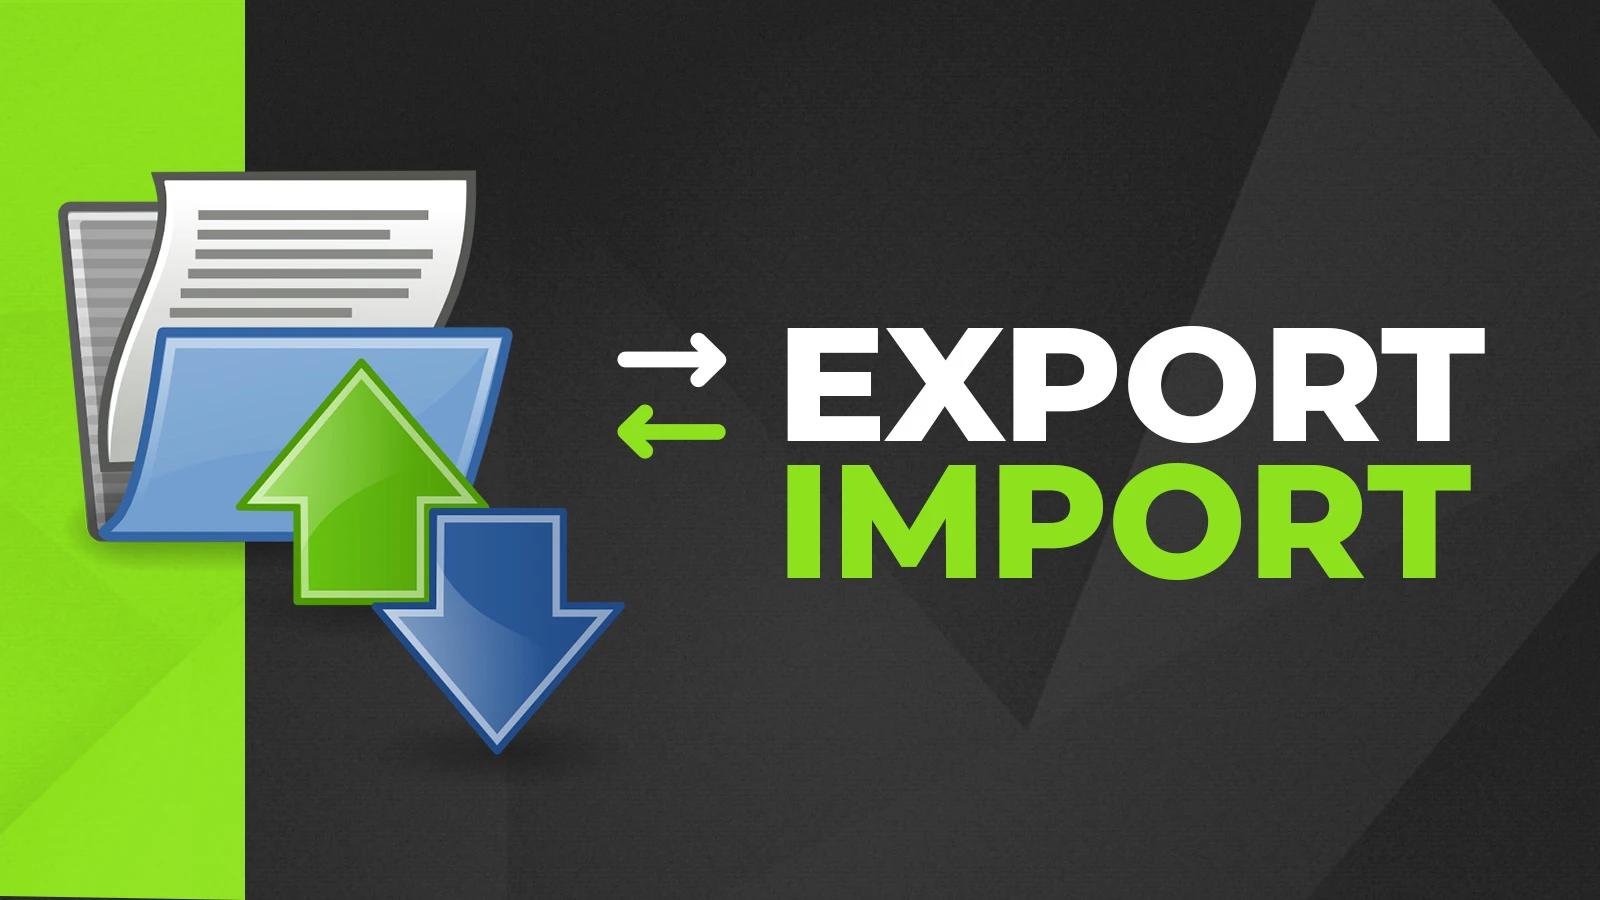 Exxport-Import App